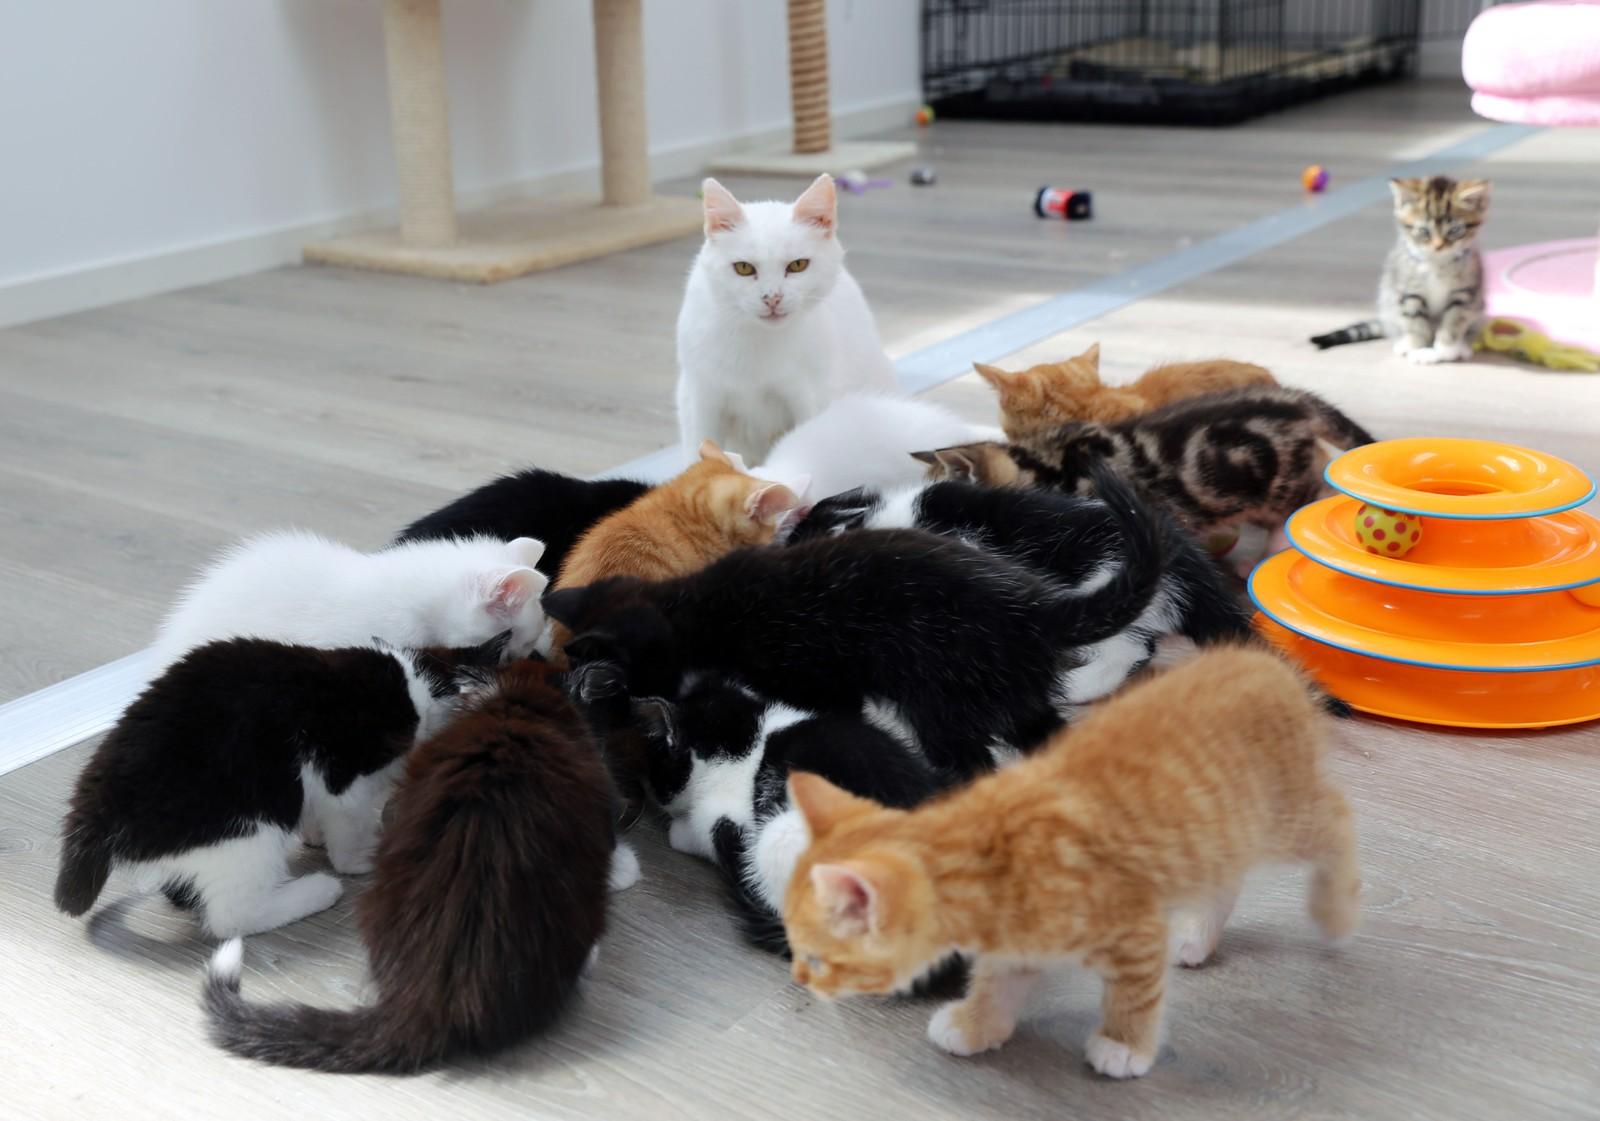 MOR OG DE 13 UNGENE: Kattemor kom inn med tre unger. Raskt tok hun på seg oppdrageransvaret for ti unger til.